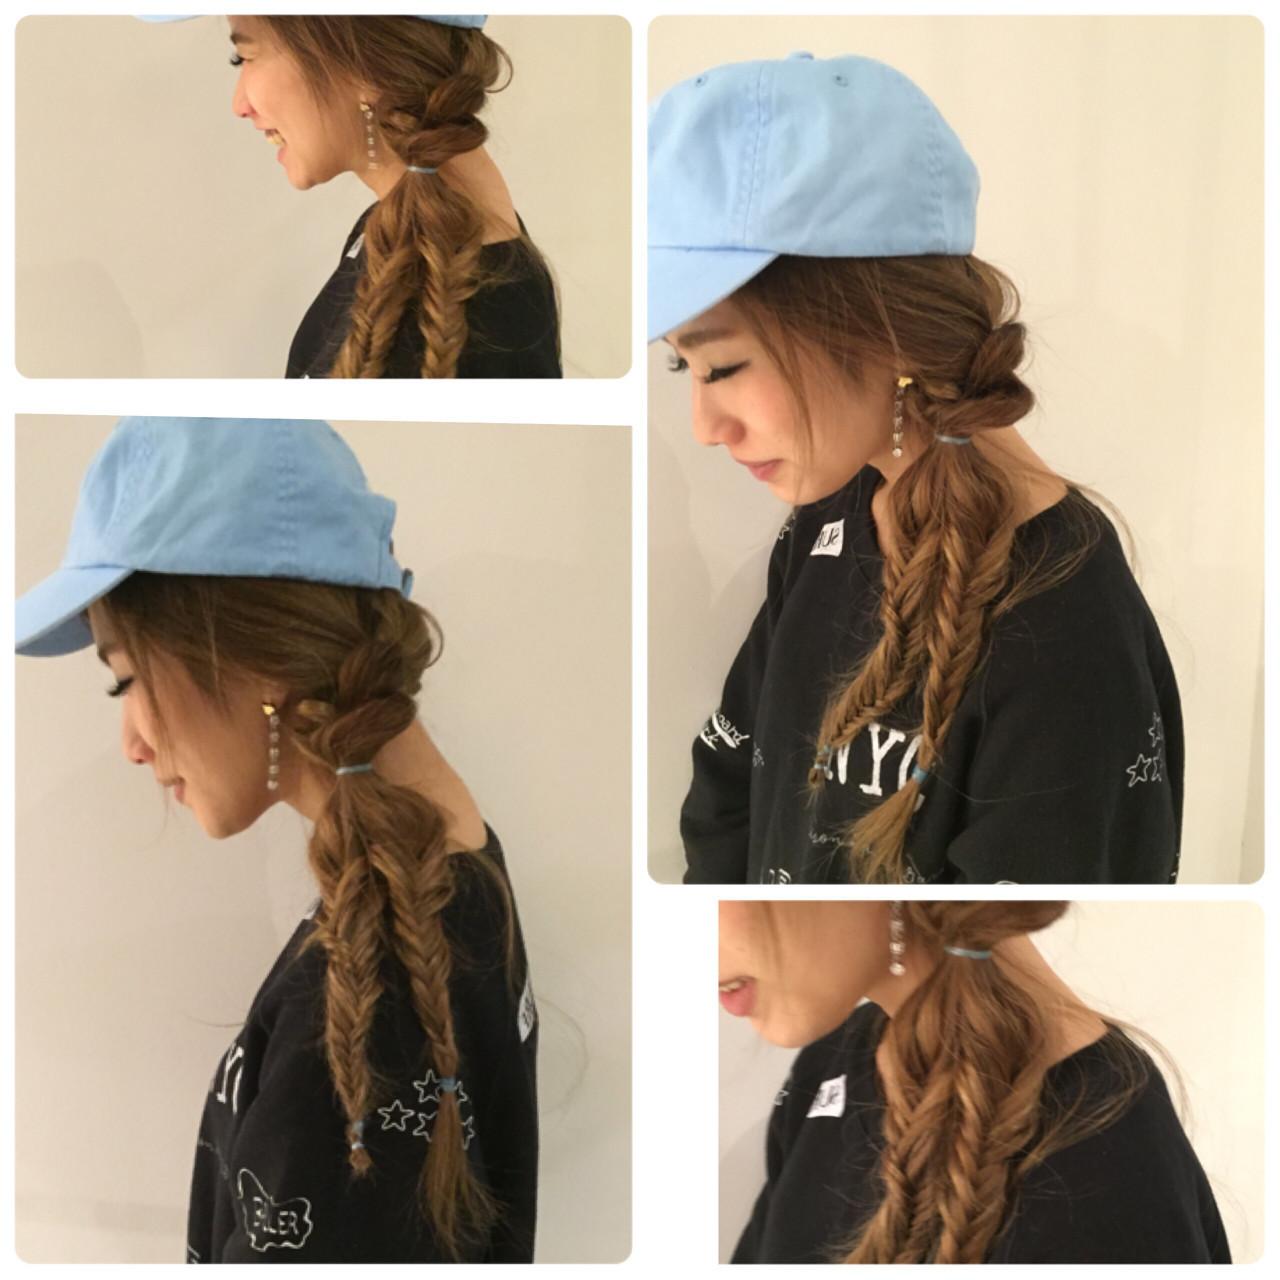 キャップと相性が良い髪型は?とっておき可愛いヘアスタイルをPickUp 北口 和樹